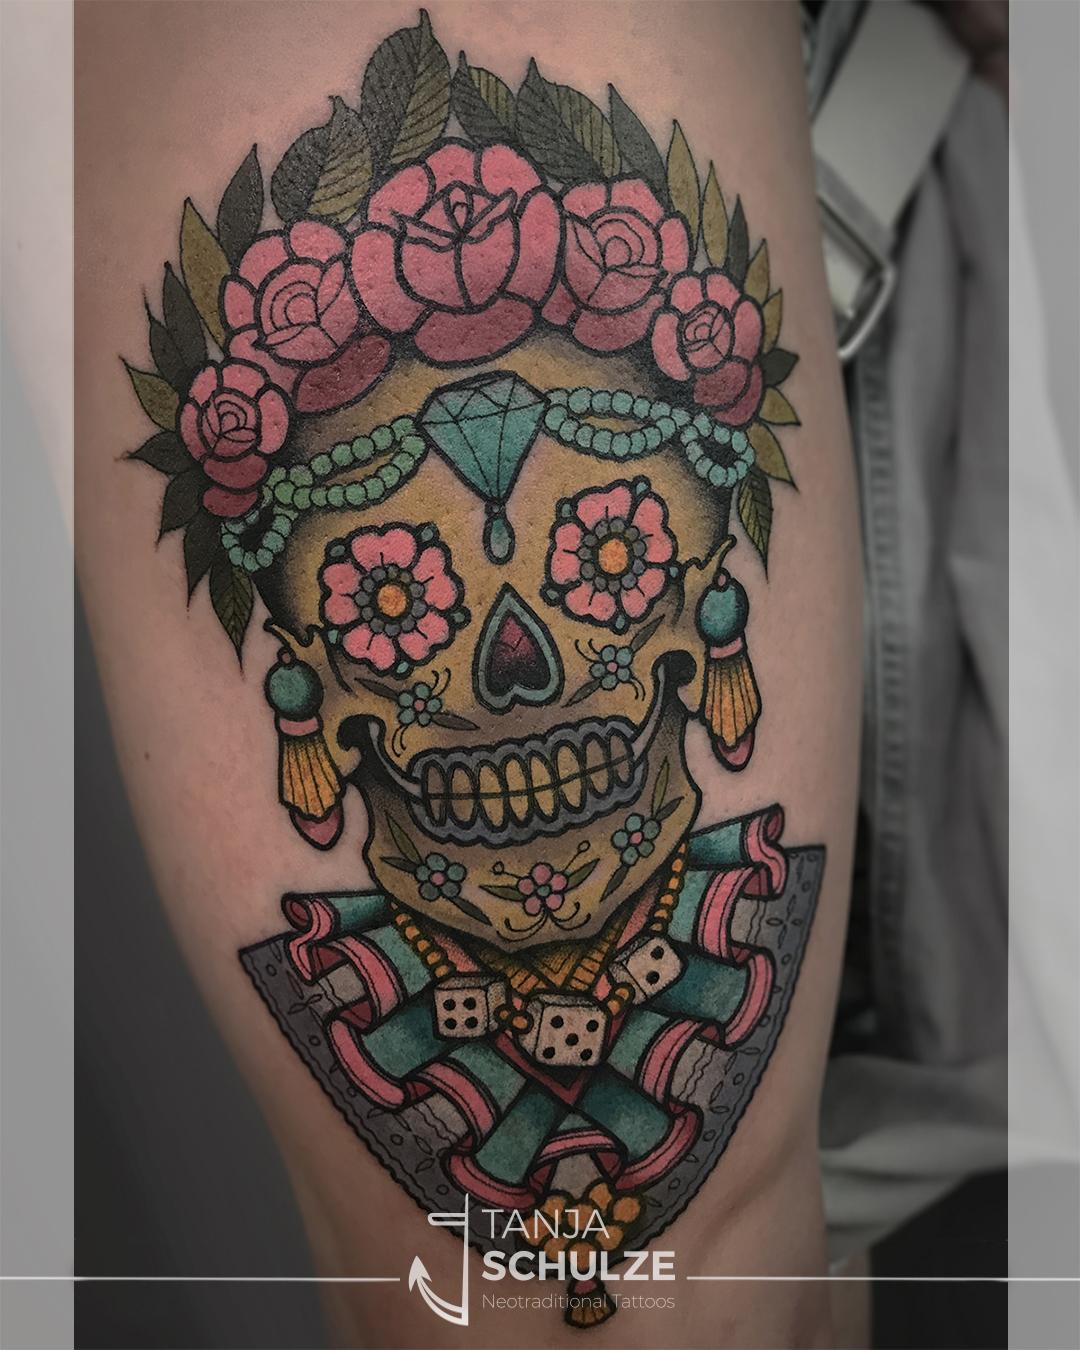 Tattoo Zuckerschädel